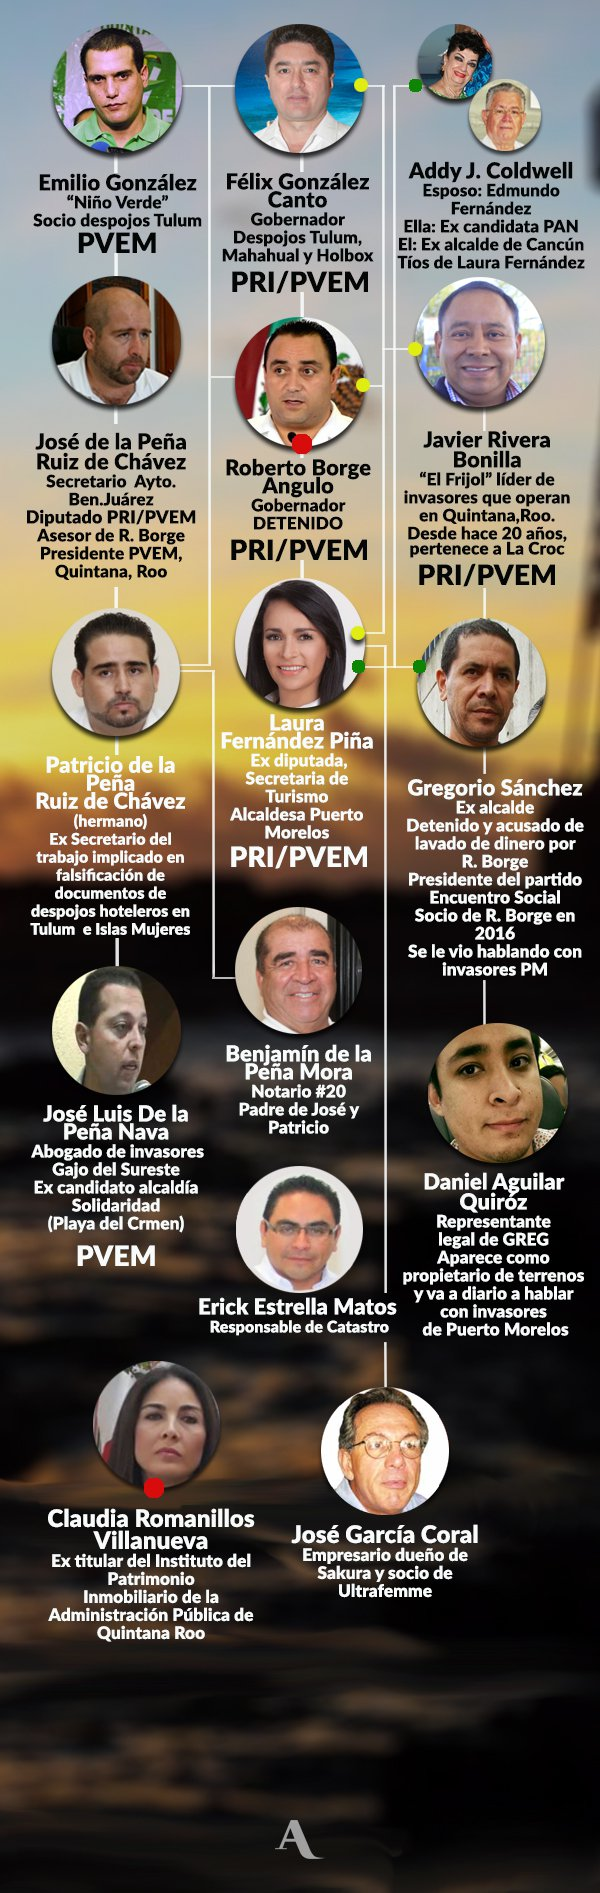 """PUERTO MORELOS, """"OTRA TIERRA DE AMBICIONES"""": Publica Lydia Cacho reportaje en Aristegui Noticias sobre despojos de terrenos en el nuevo municipio"""